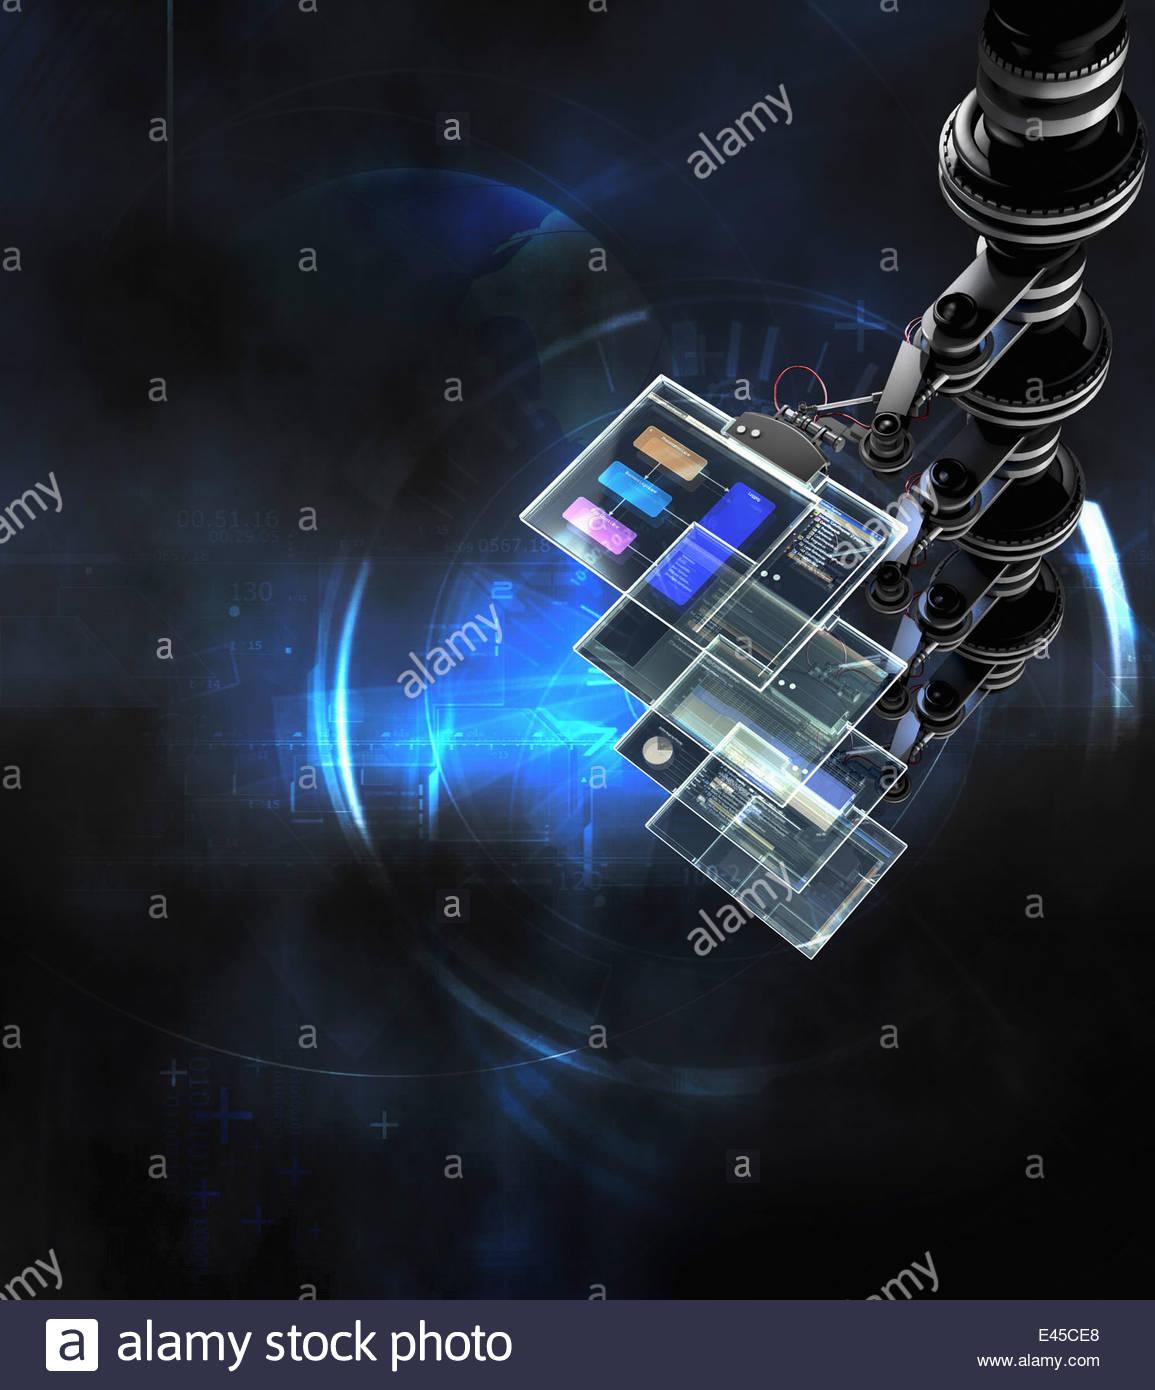 Pila di computer trasparente schermi touch screen Immagini Stock